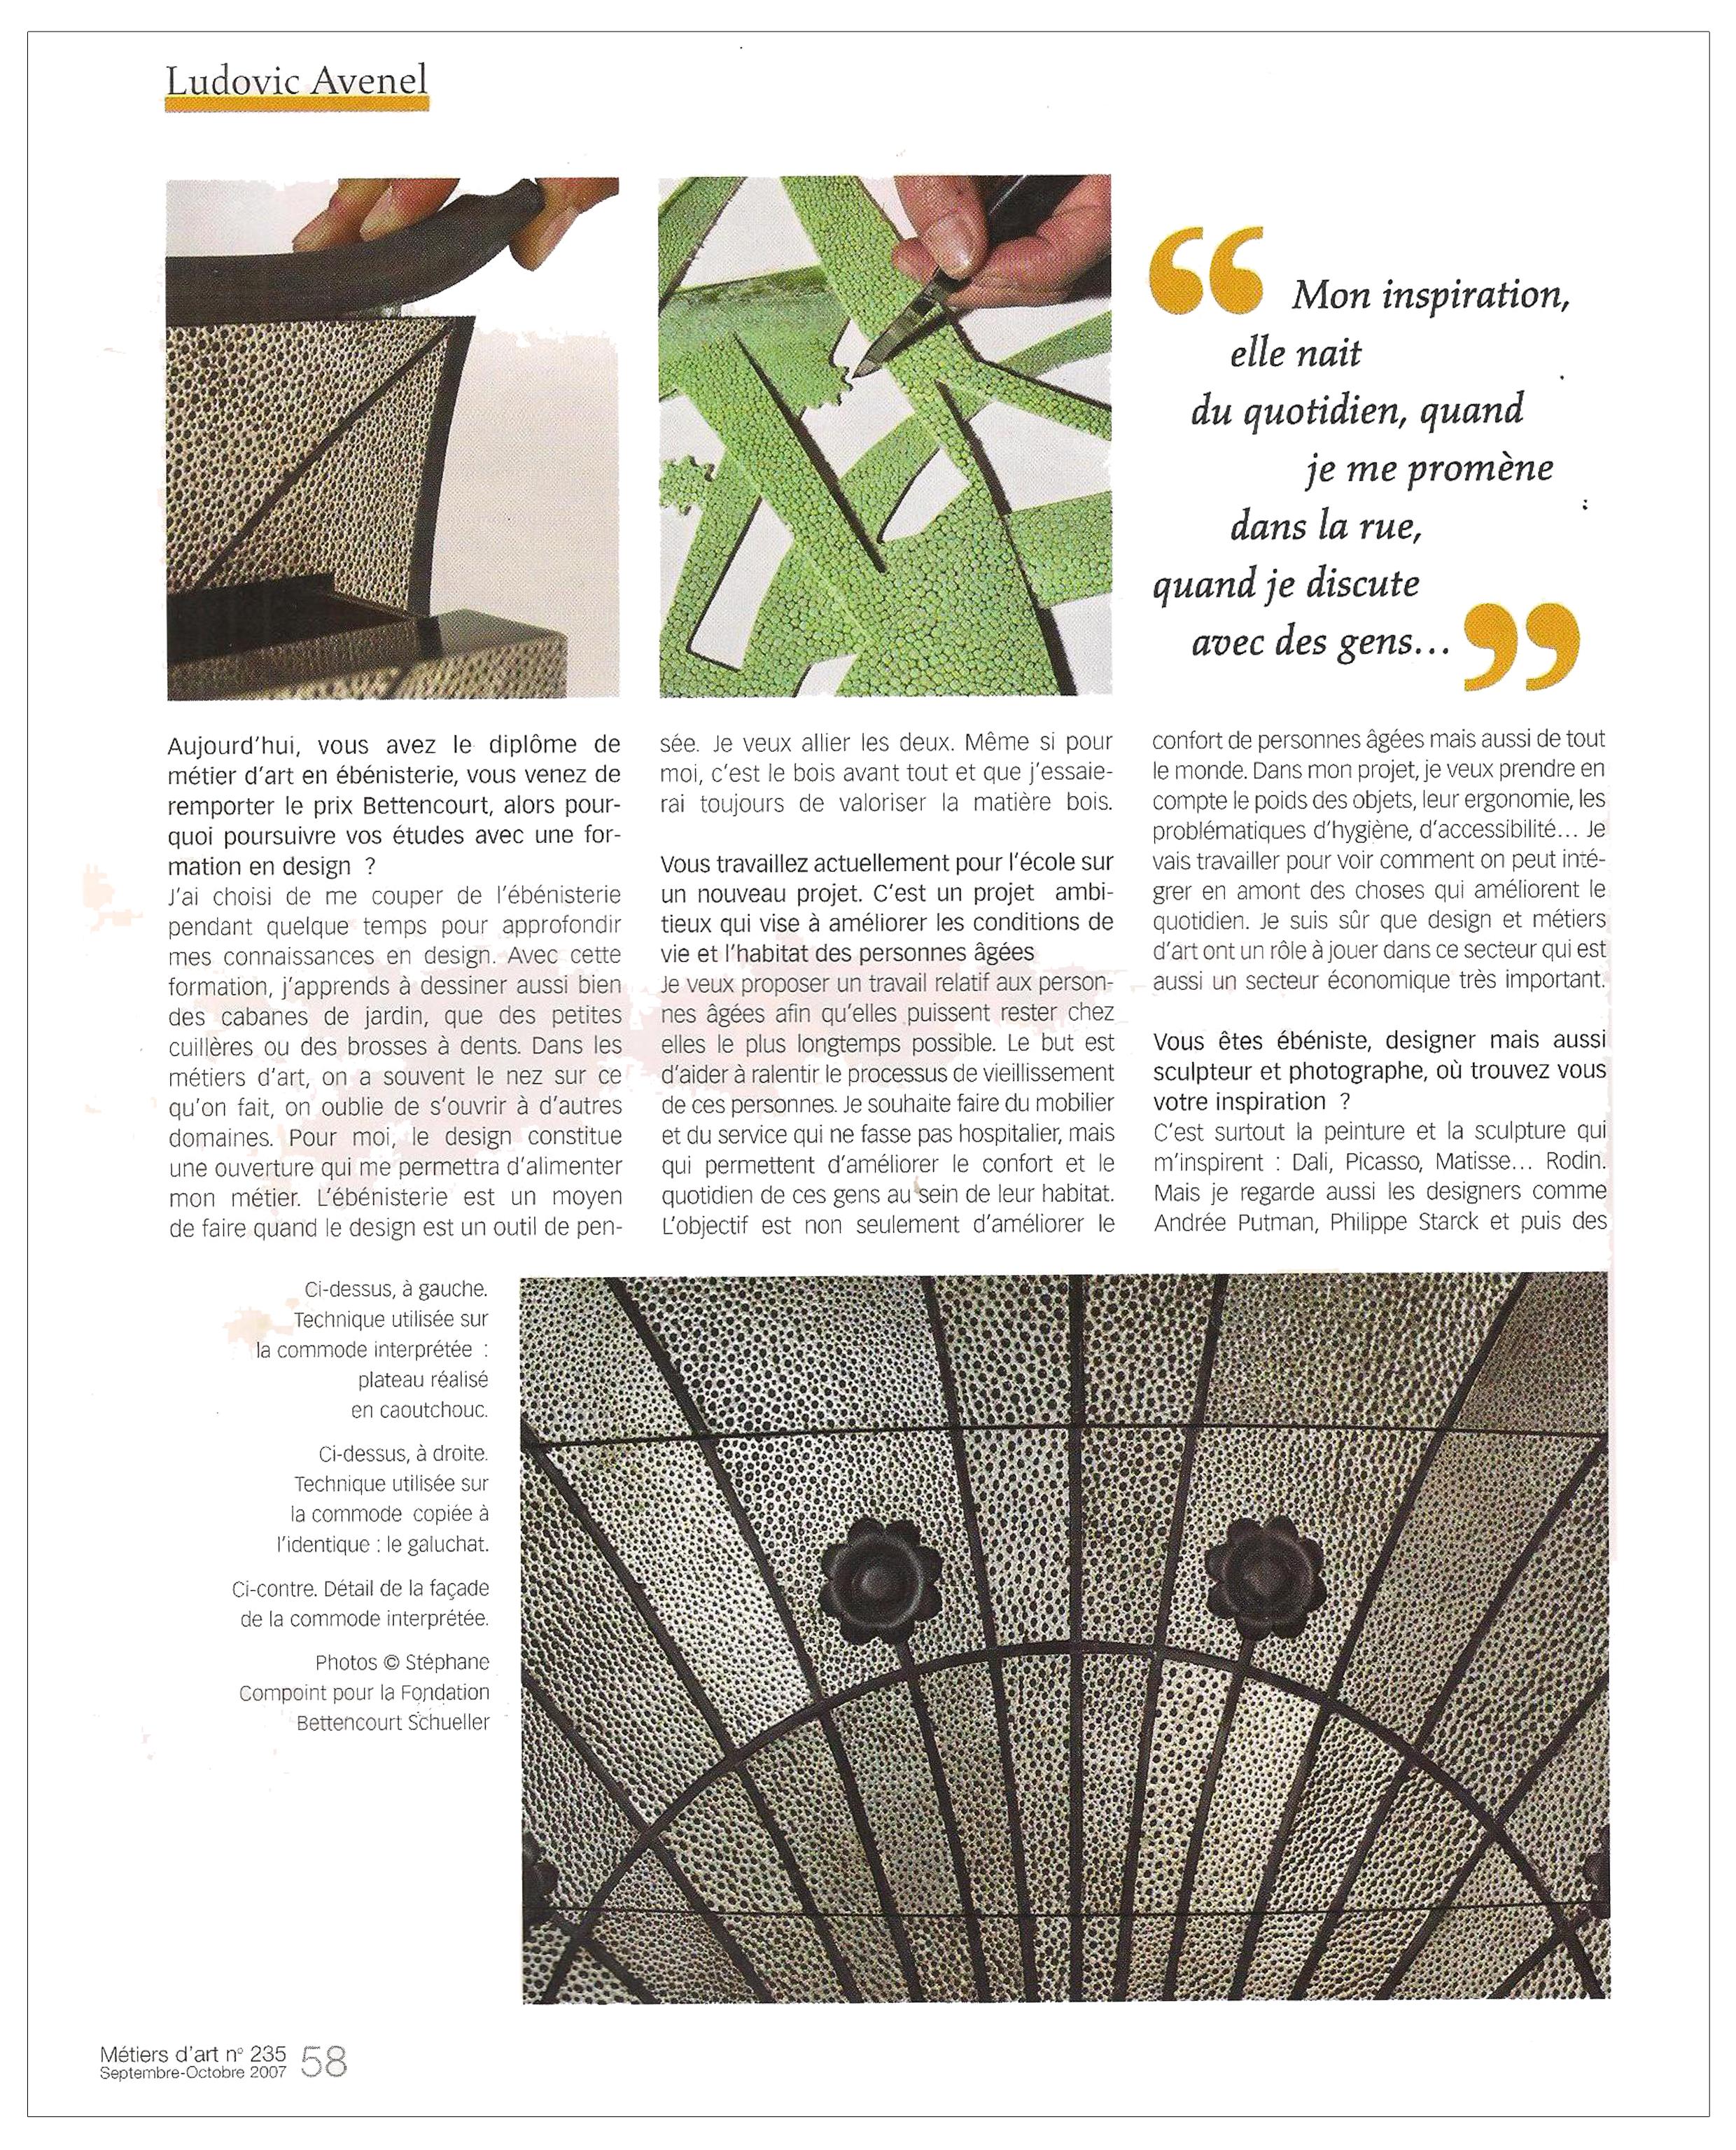 Ludovic AVENEL : ébéniste créateur Paris - Ludovic_Avenel_press_métiers d'art_ebeniste_créateur_design_sur mesure_6